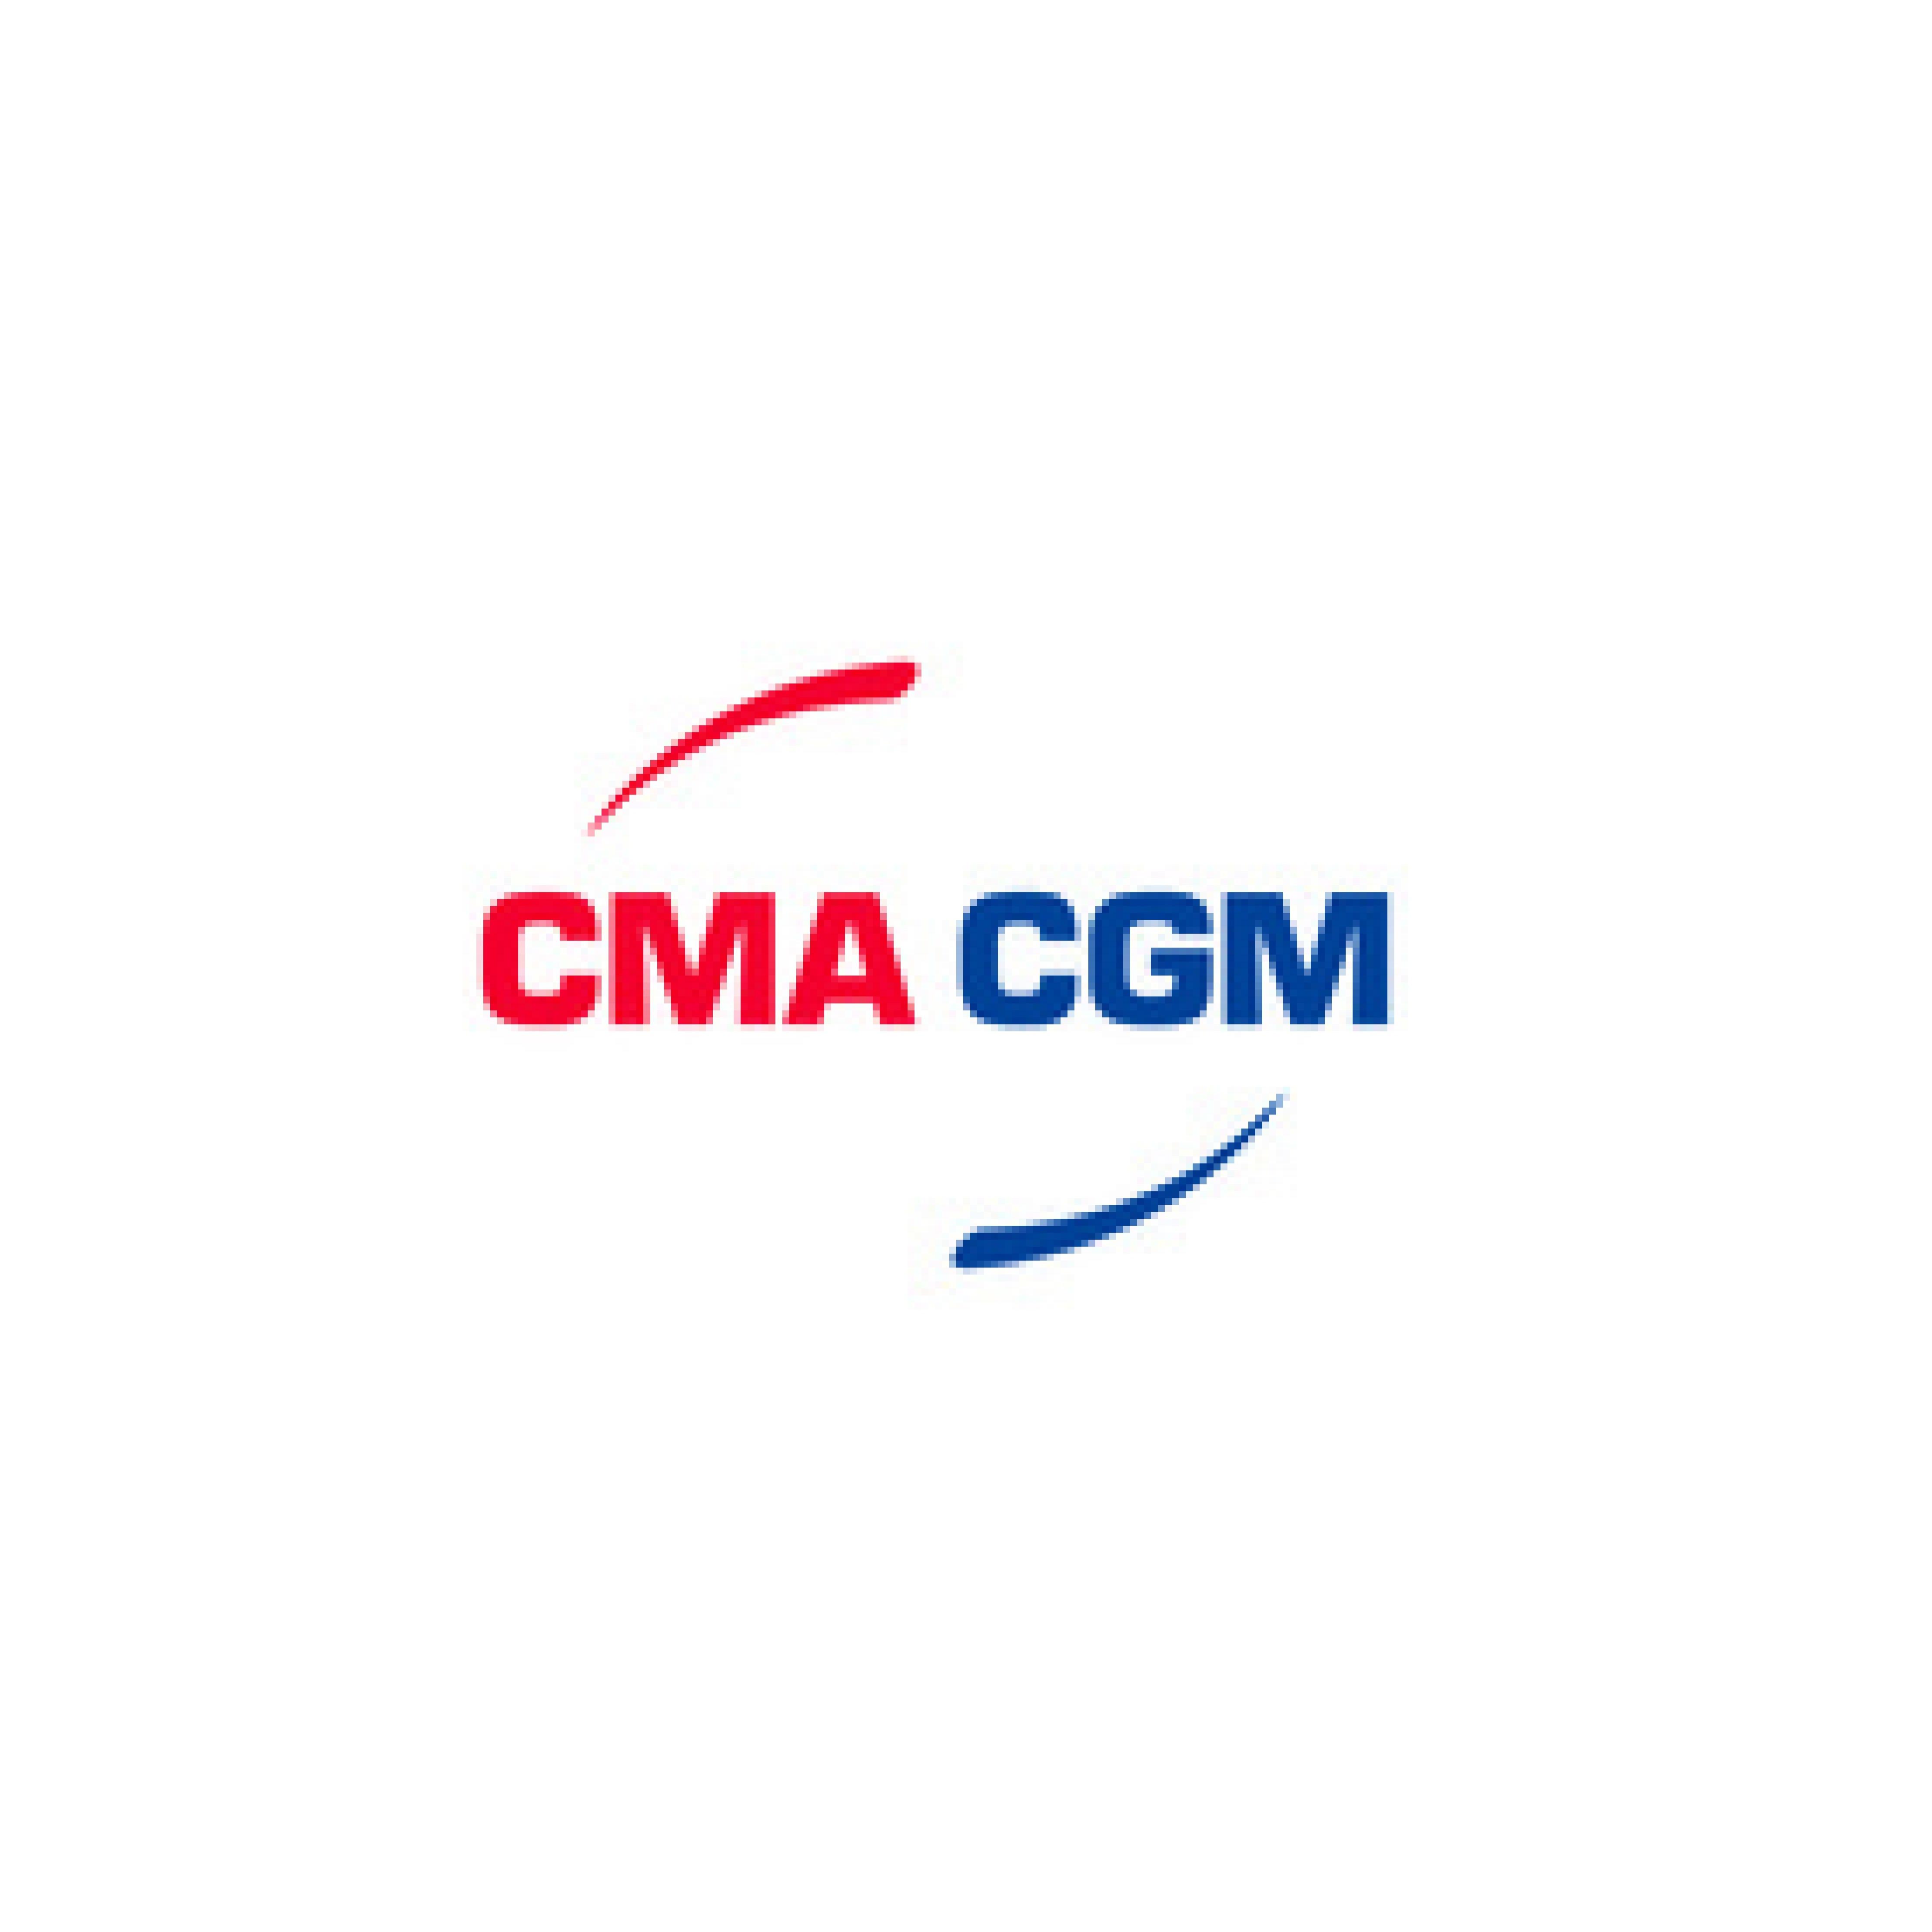 CMA CGM Estonia OÜ